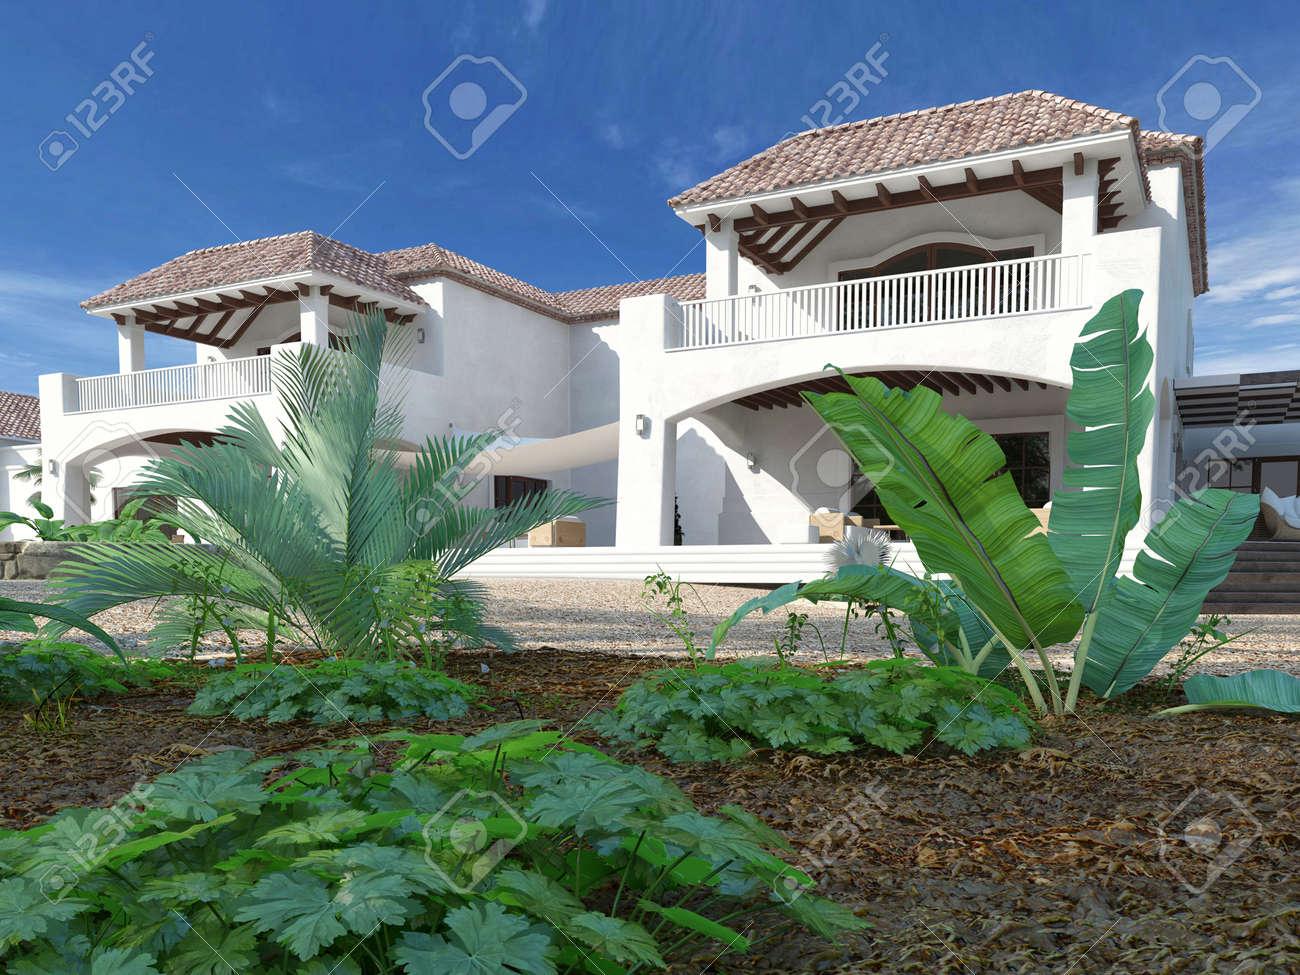 mediterraner stil garten, außenansicht des luxuriösen weißen villa im mediterranen stil mit, Design ideen